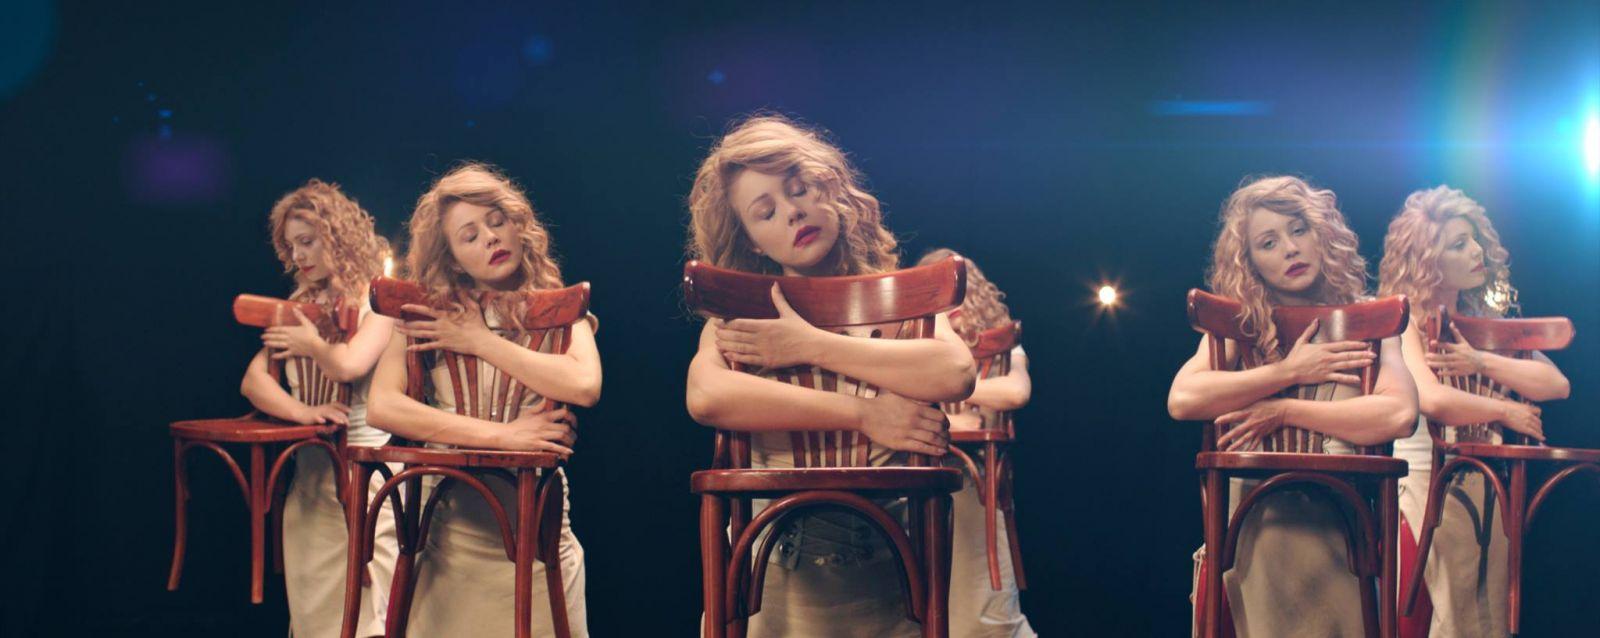 Тина Кароль и ее точные копии в новом клипе Я не перестану